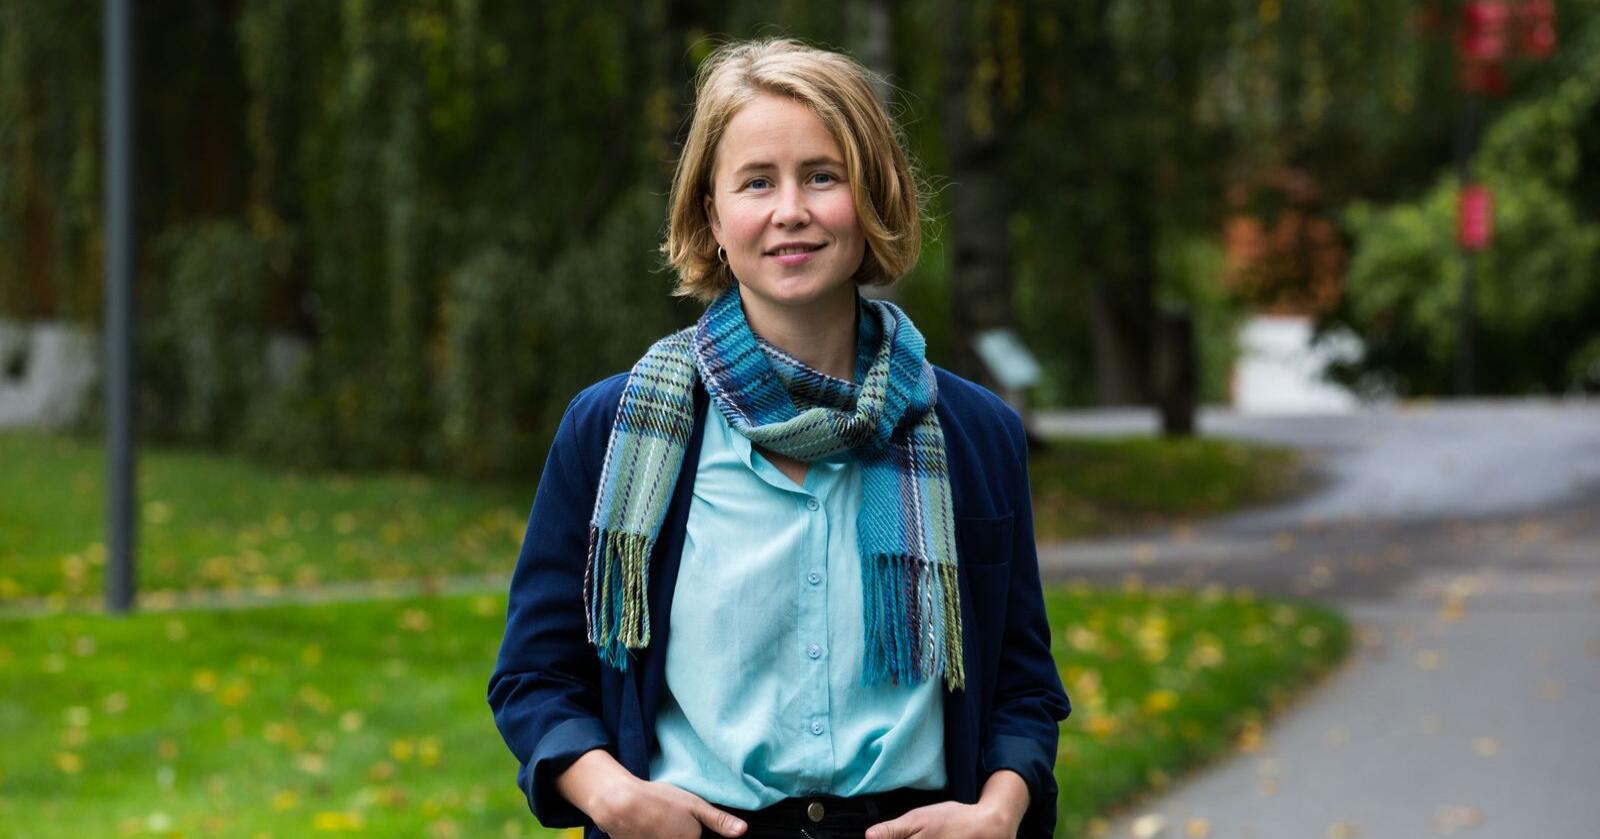 Leder Anja Bakken Riise i Framtiden i våre hender stiller miljøkrav til de rødgrønne partiene. Foto: Mariam Butt / NTB